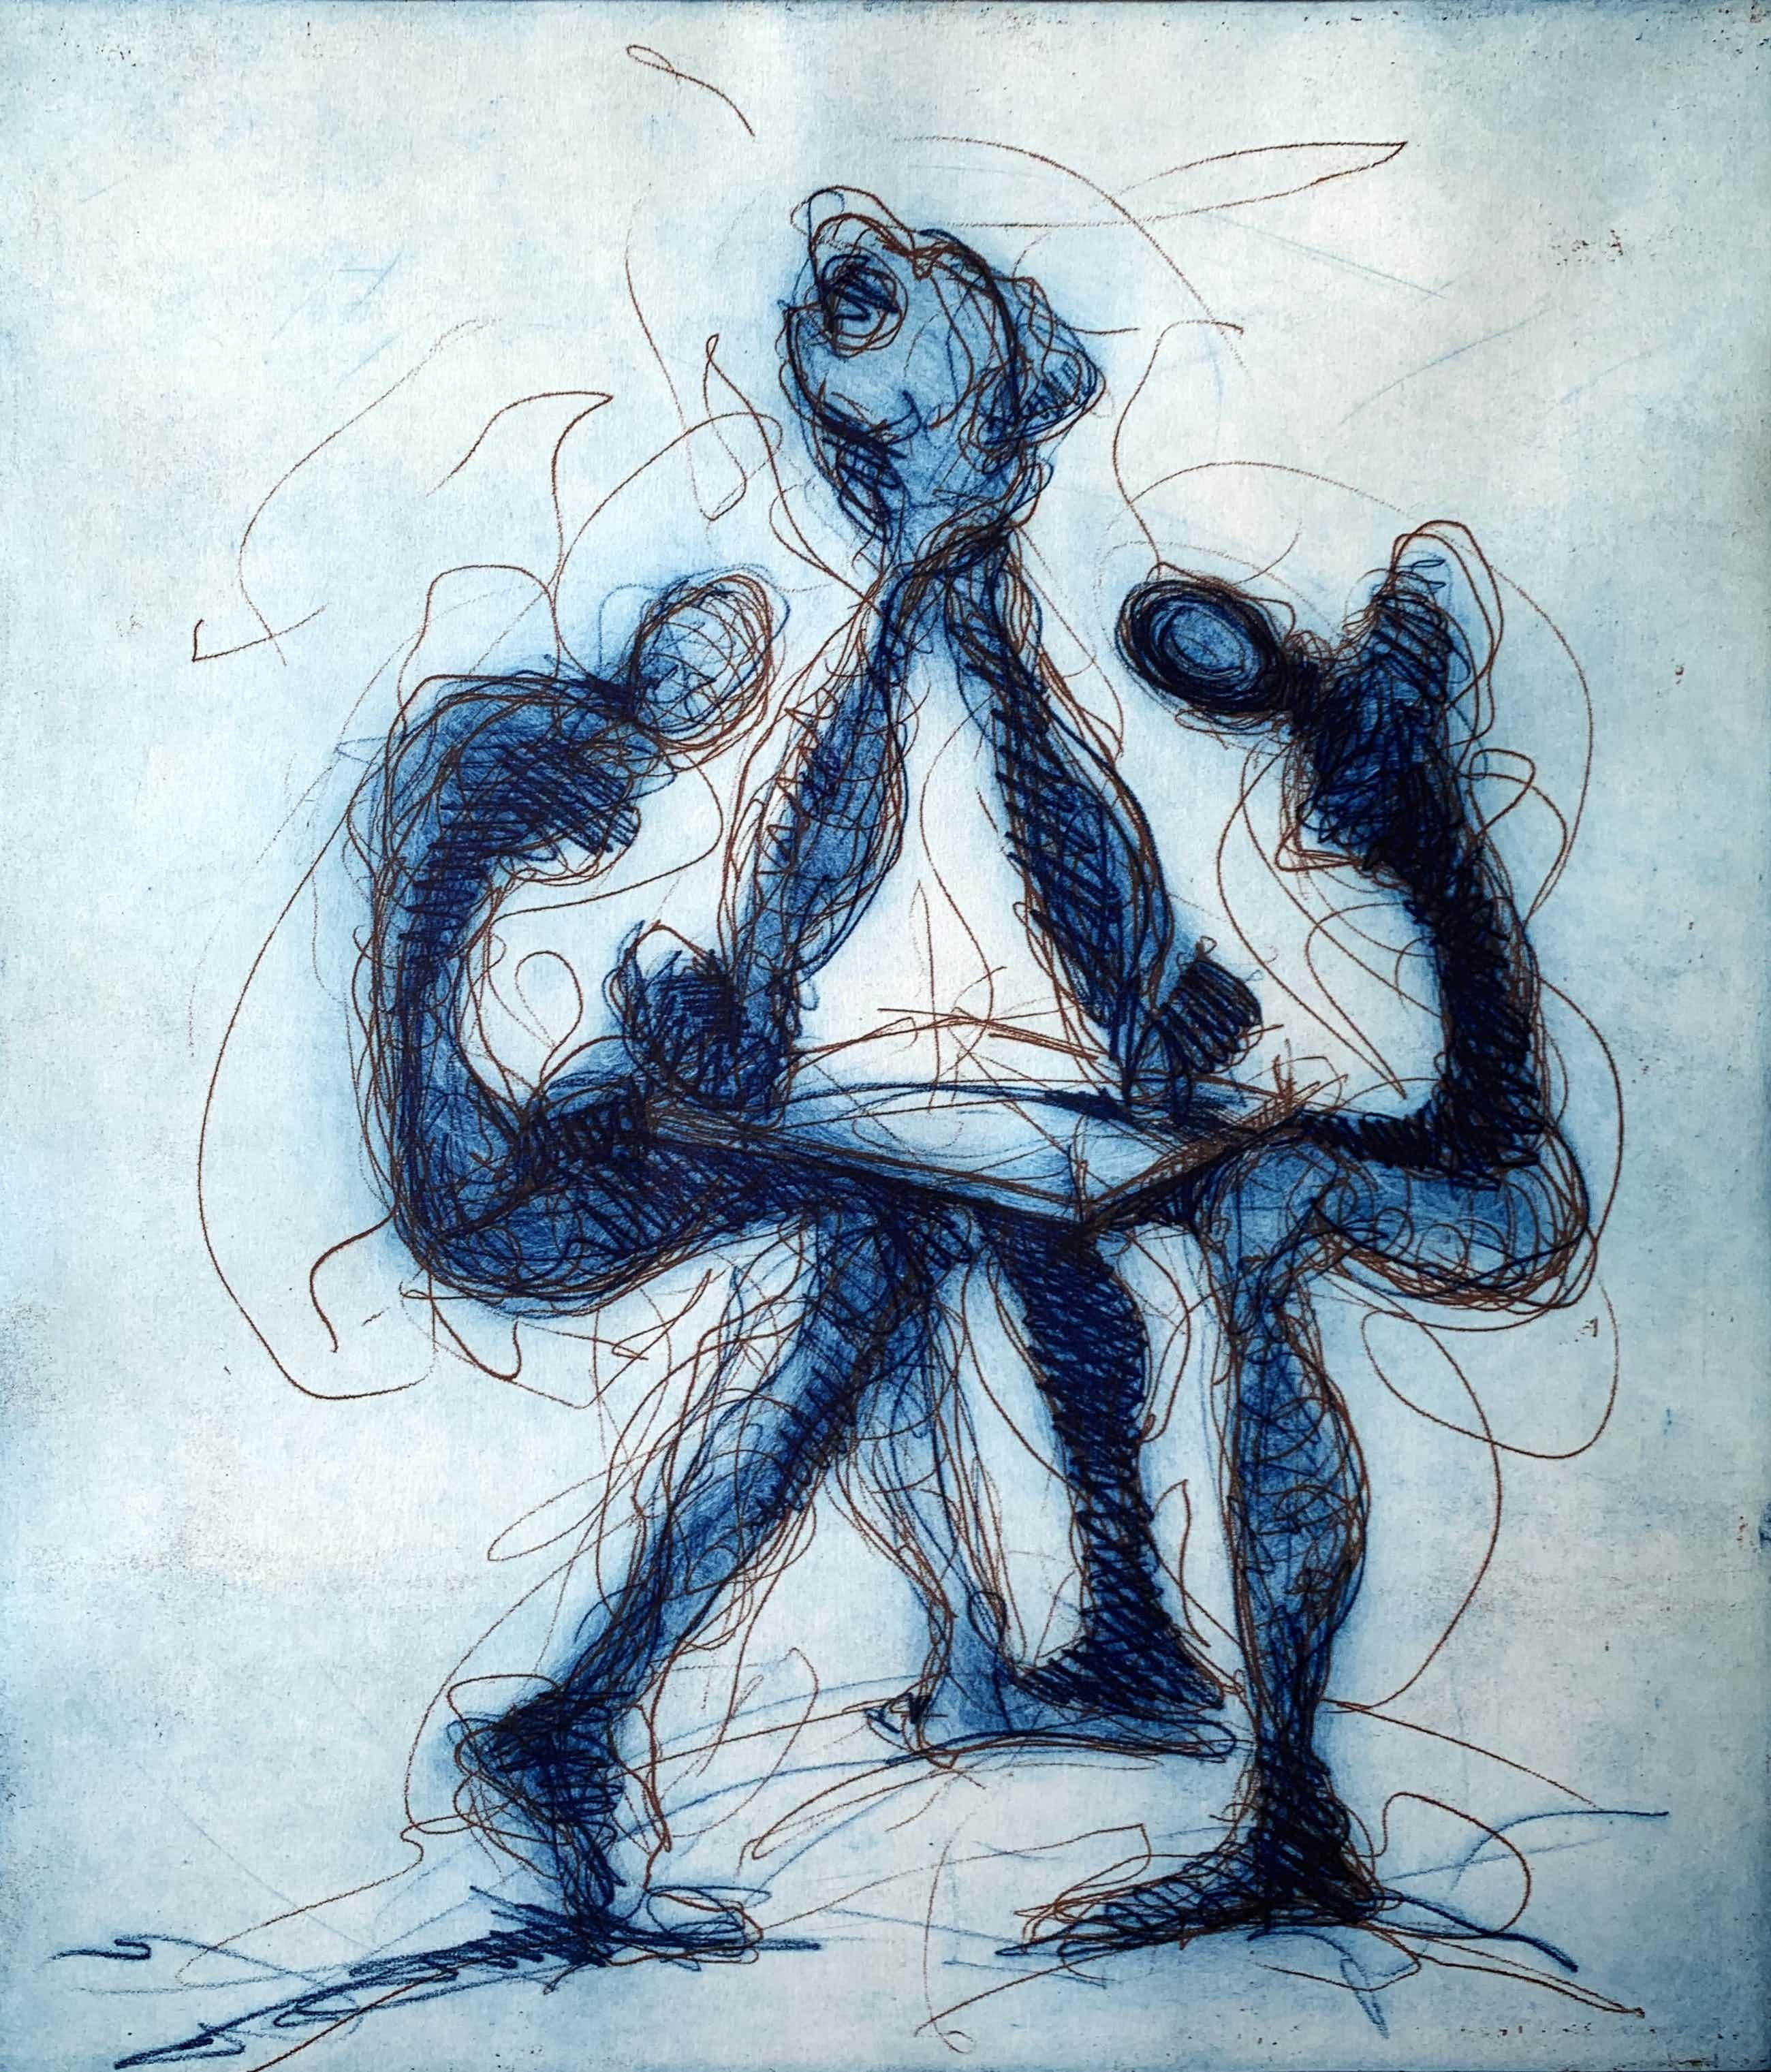 Ronald Tolman - kleurenets - 'Drie figuren' - 1988 (INGELIJST, KLEINE OPLAGE) kopen? Bied vanaf 120!